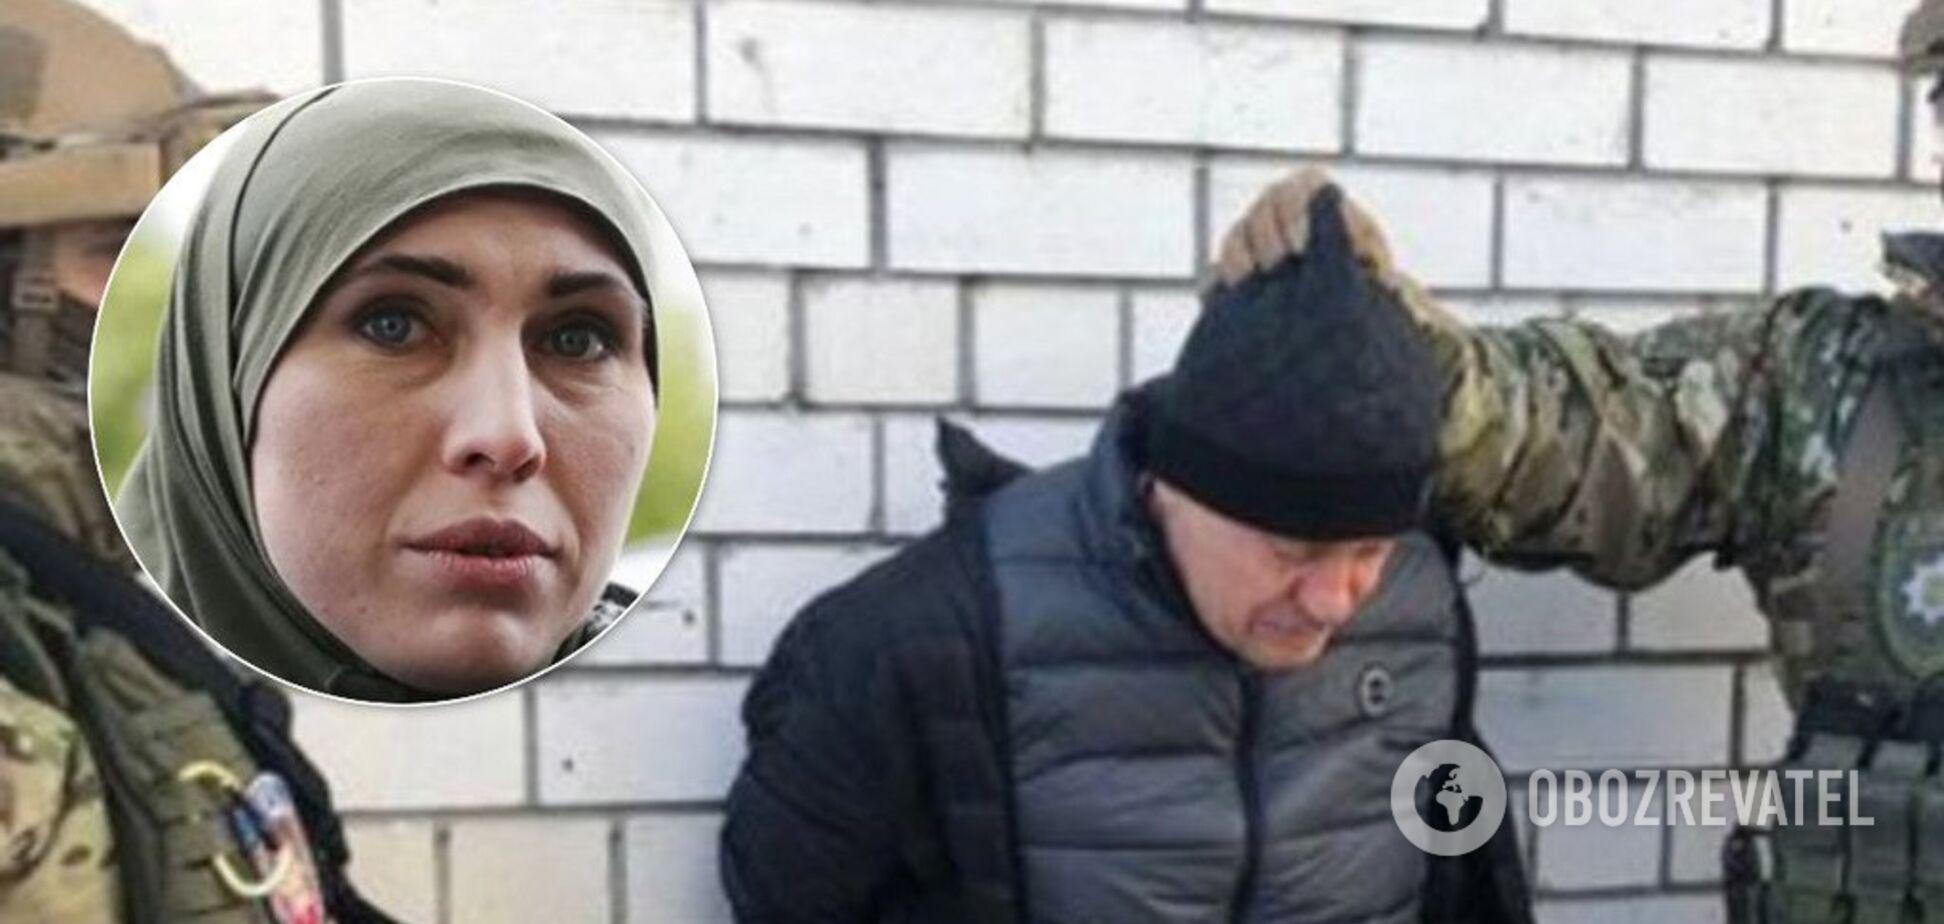 Вбивство Окуєвої: у поліції розкрили подробиці про кілера